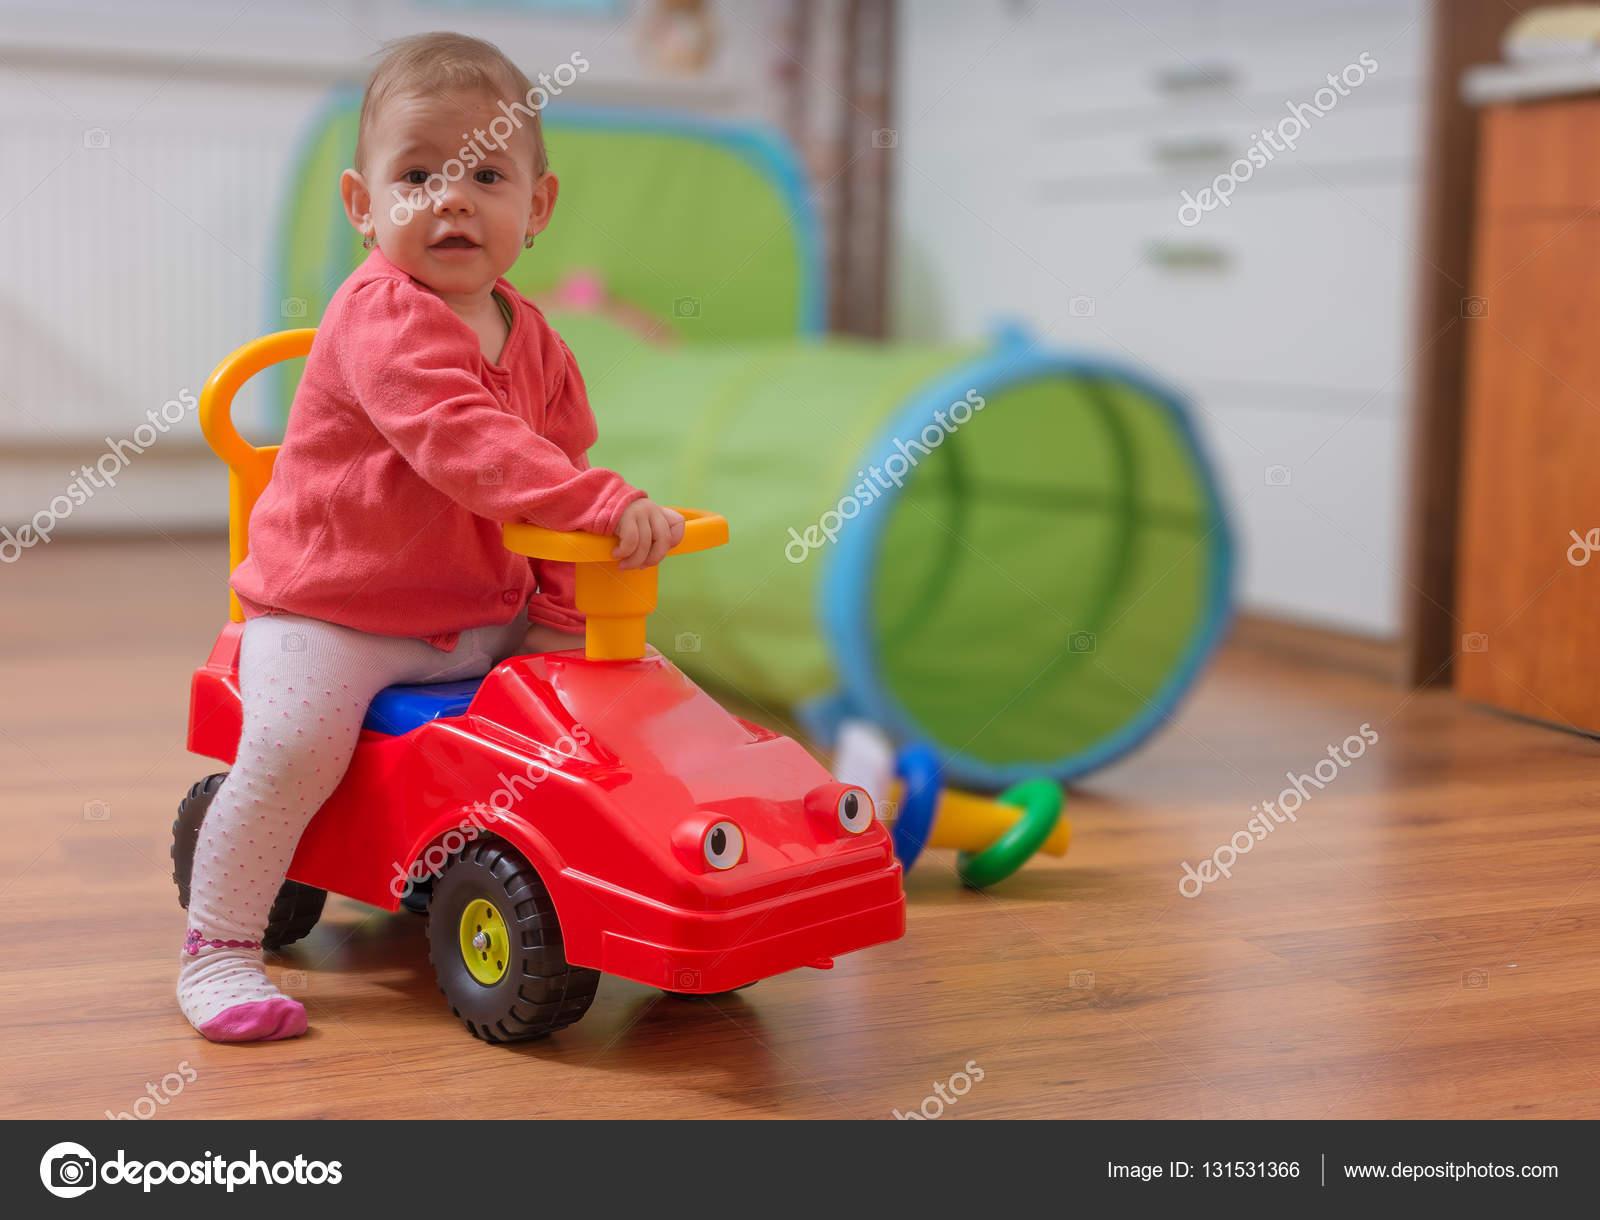 Petite La Enfant Jouet Et De Rouge Fille JoueAssis Sur Voiture k80wnOP